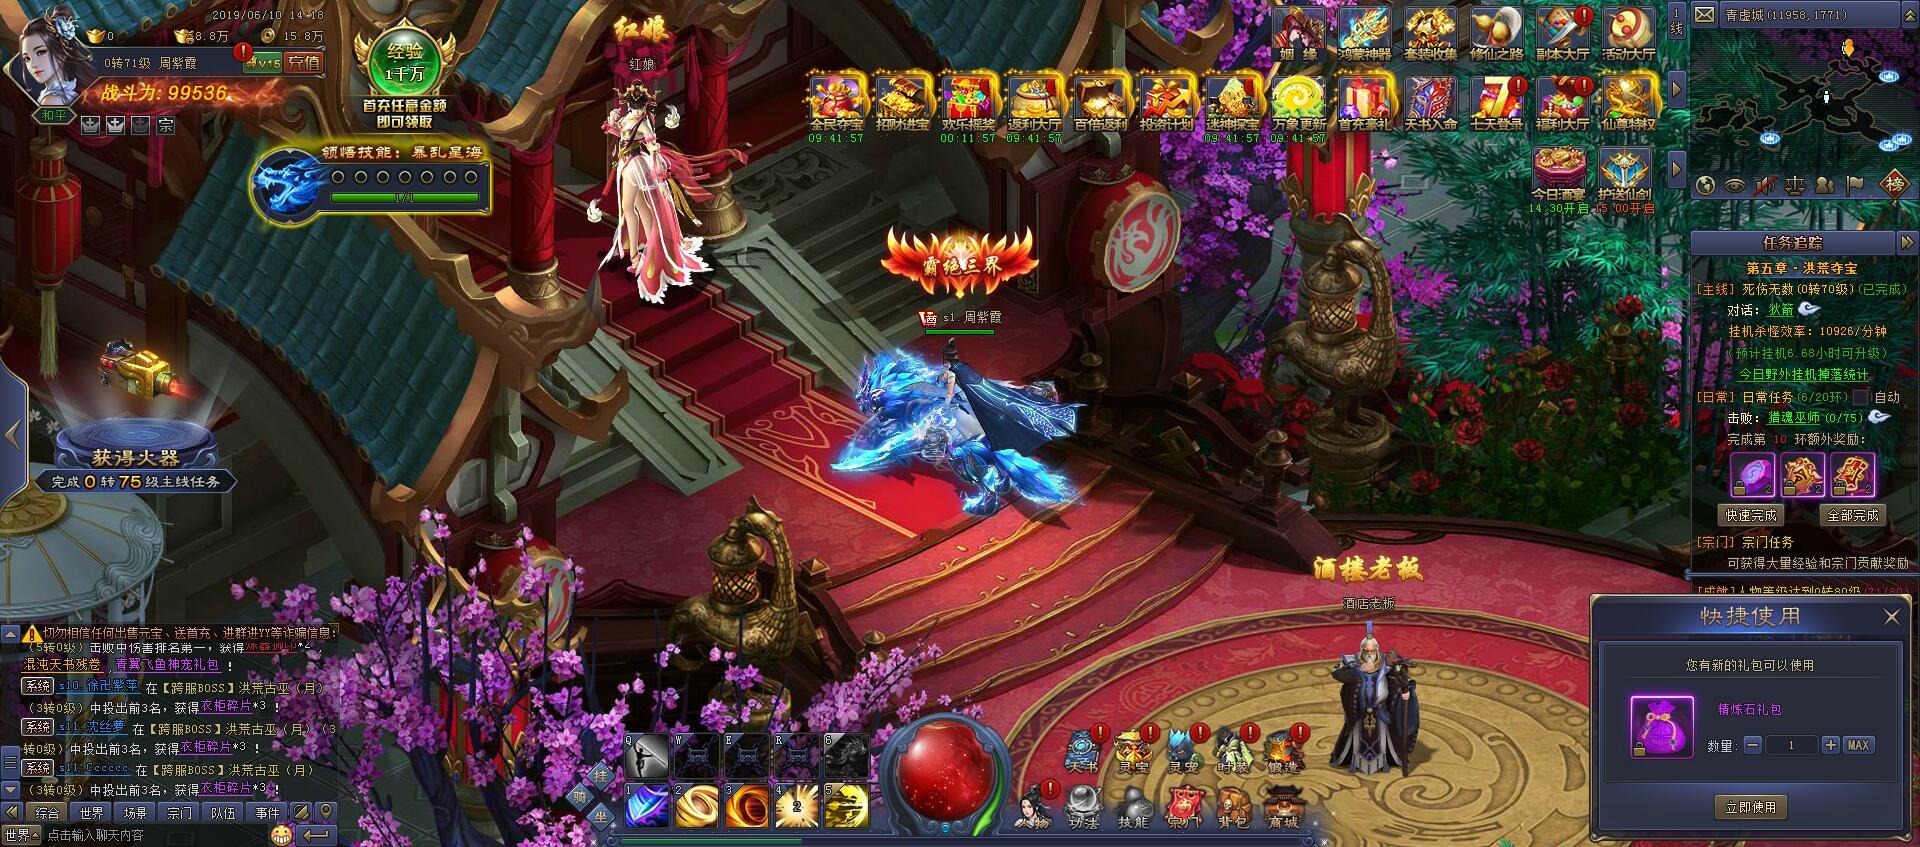 《傲剑苍穹》游戏截图